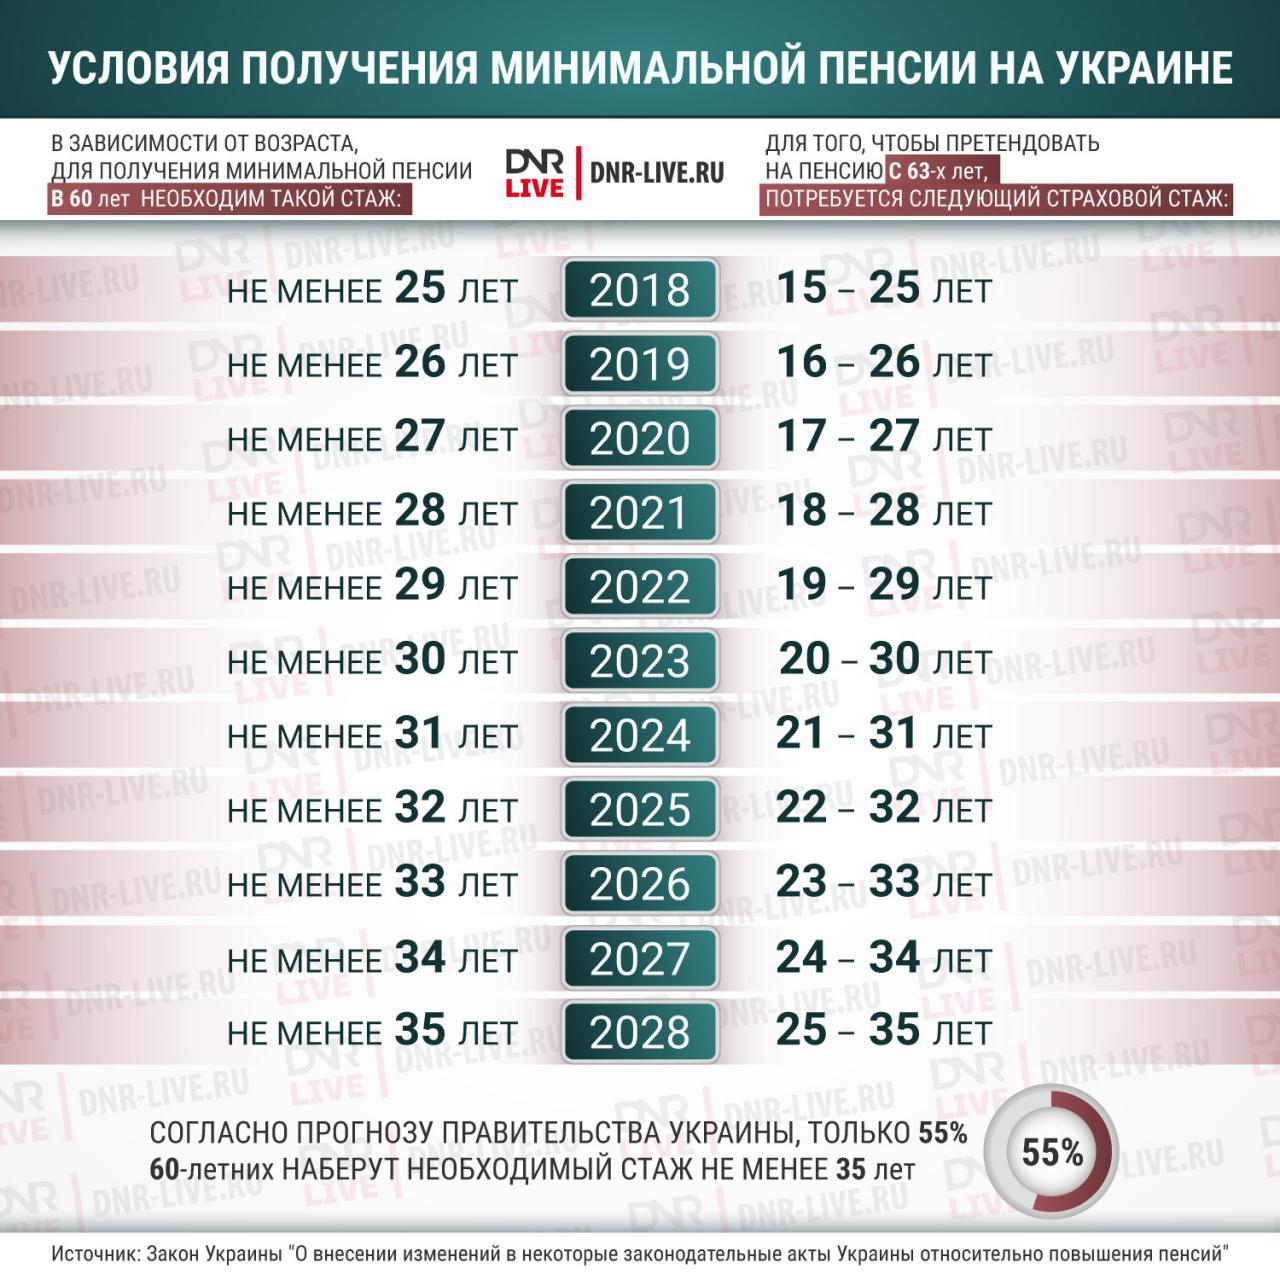 условия получения минимальной пенсии на украине